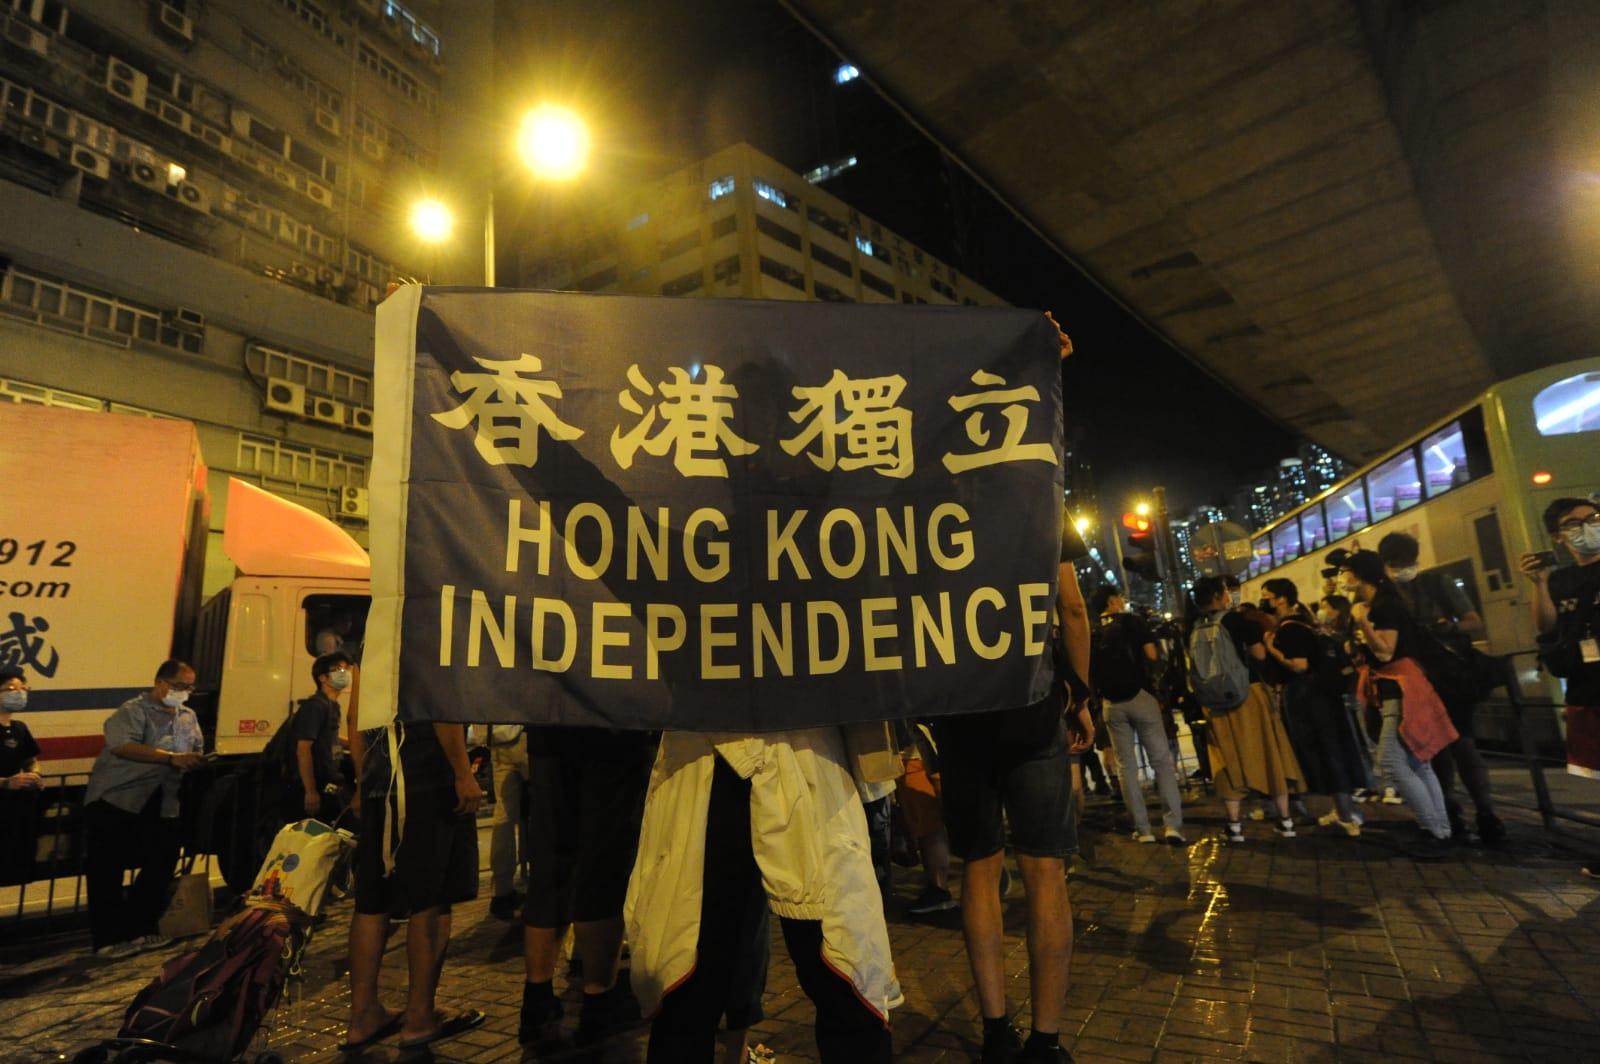 現場有「香港獨立」的標語。(宋碧龍/大紀元)